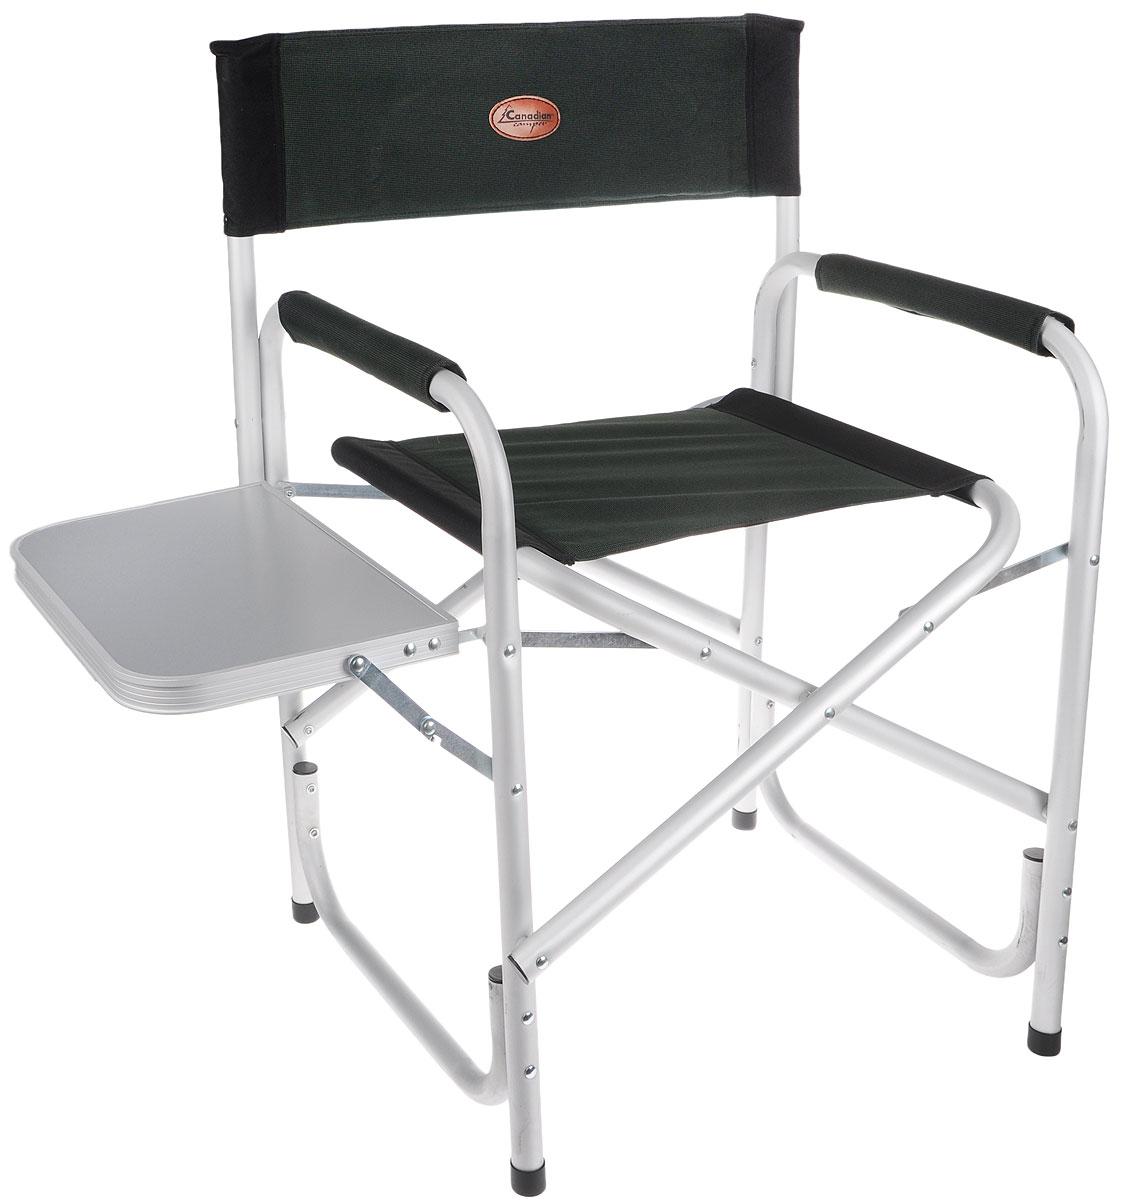 Кресло складное Canadian Camper CC-100AL, цвет: зеленый, черный, серый цена